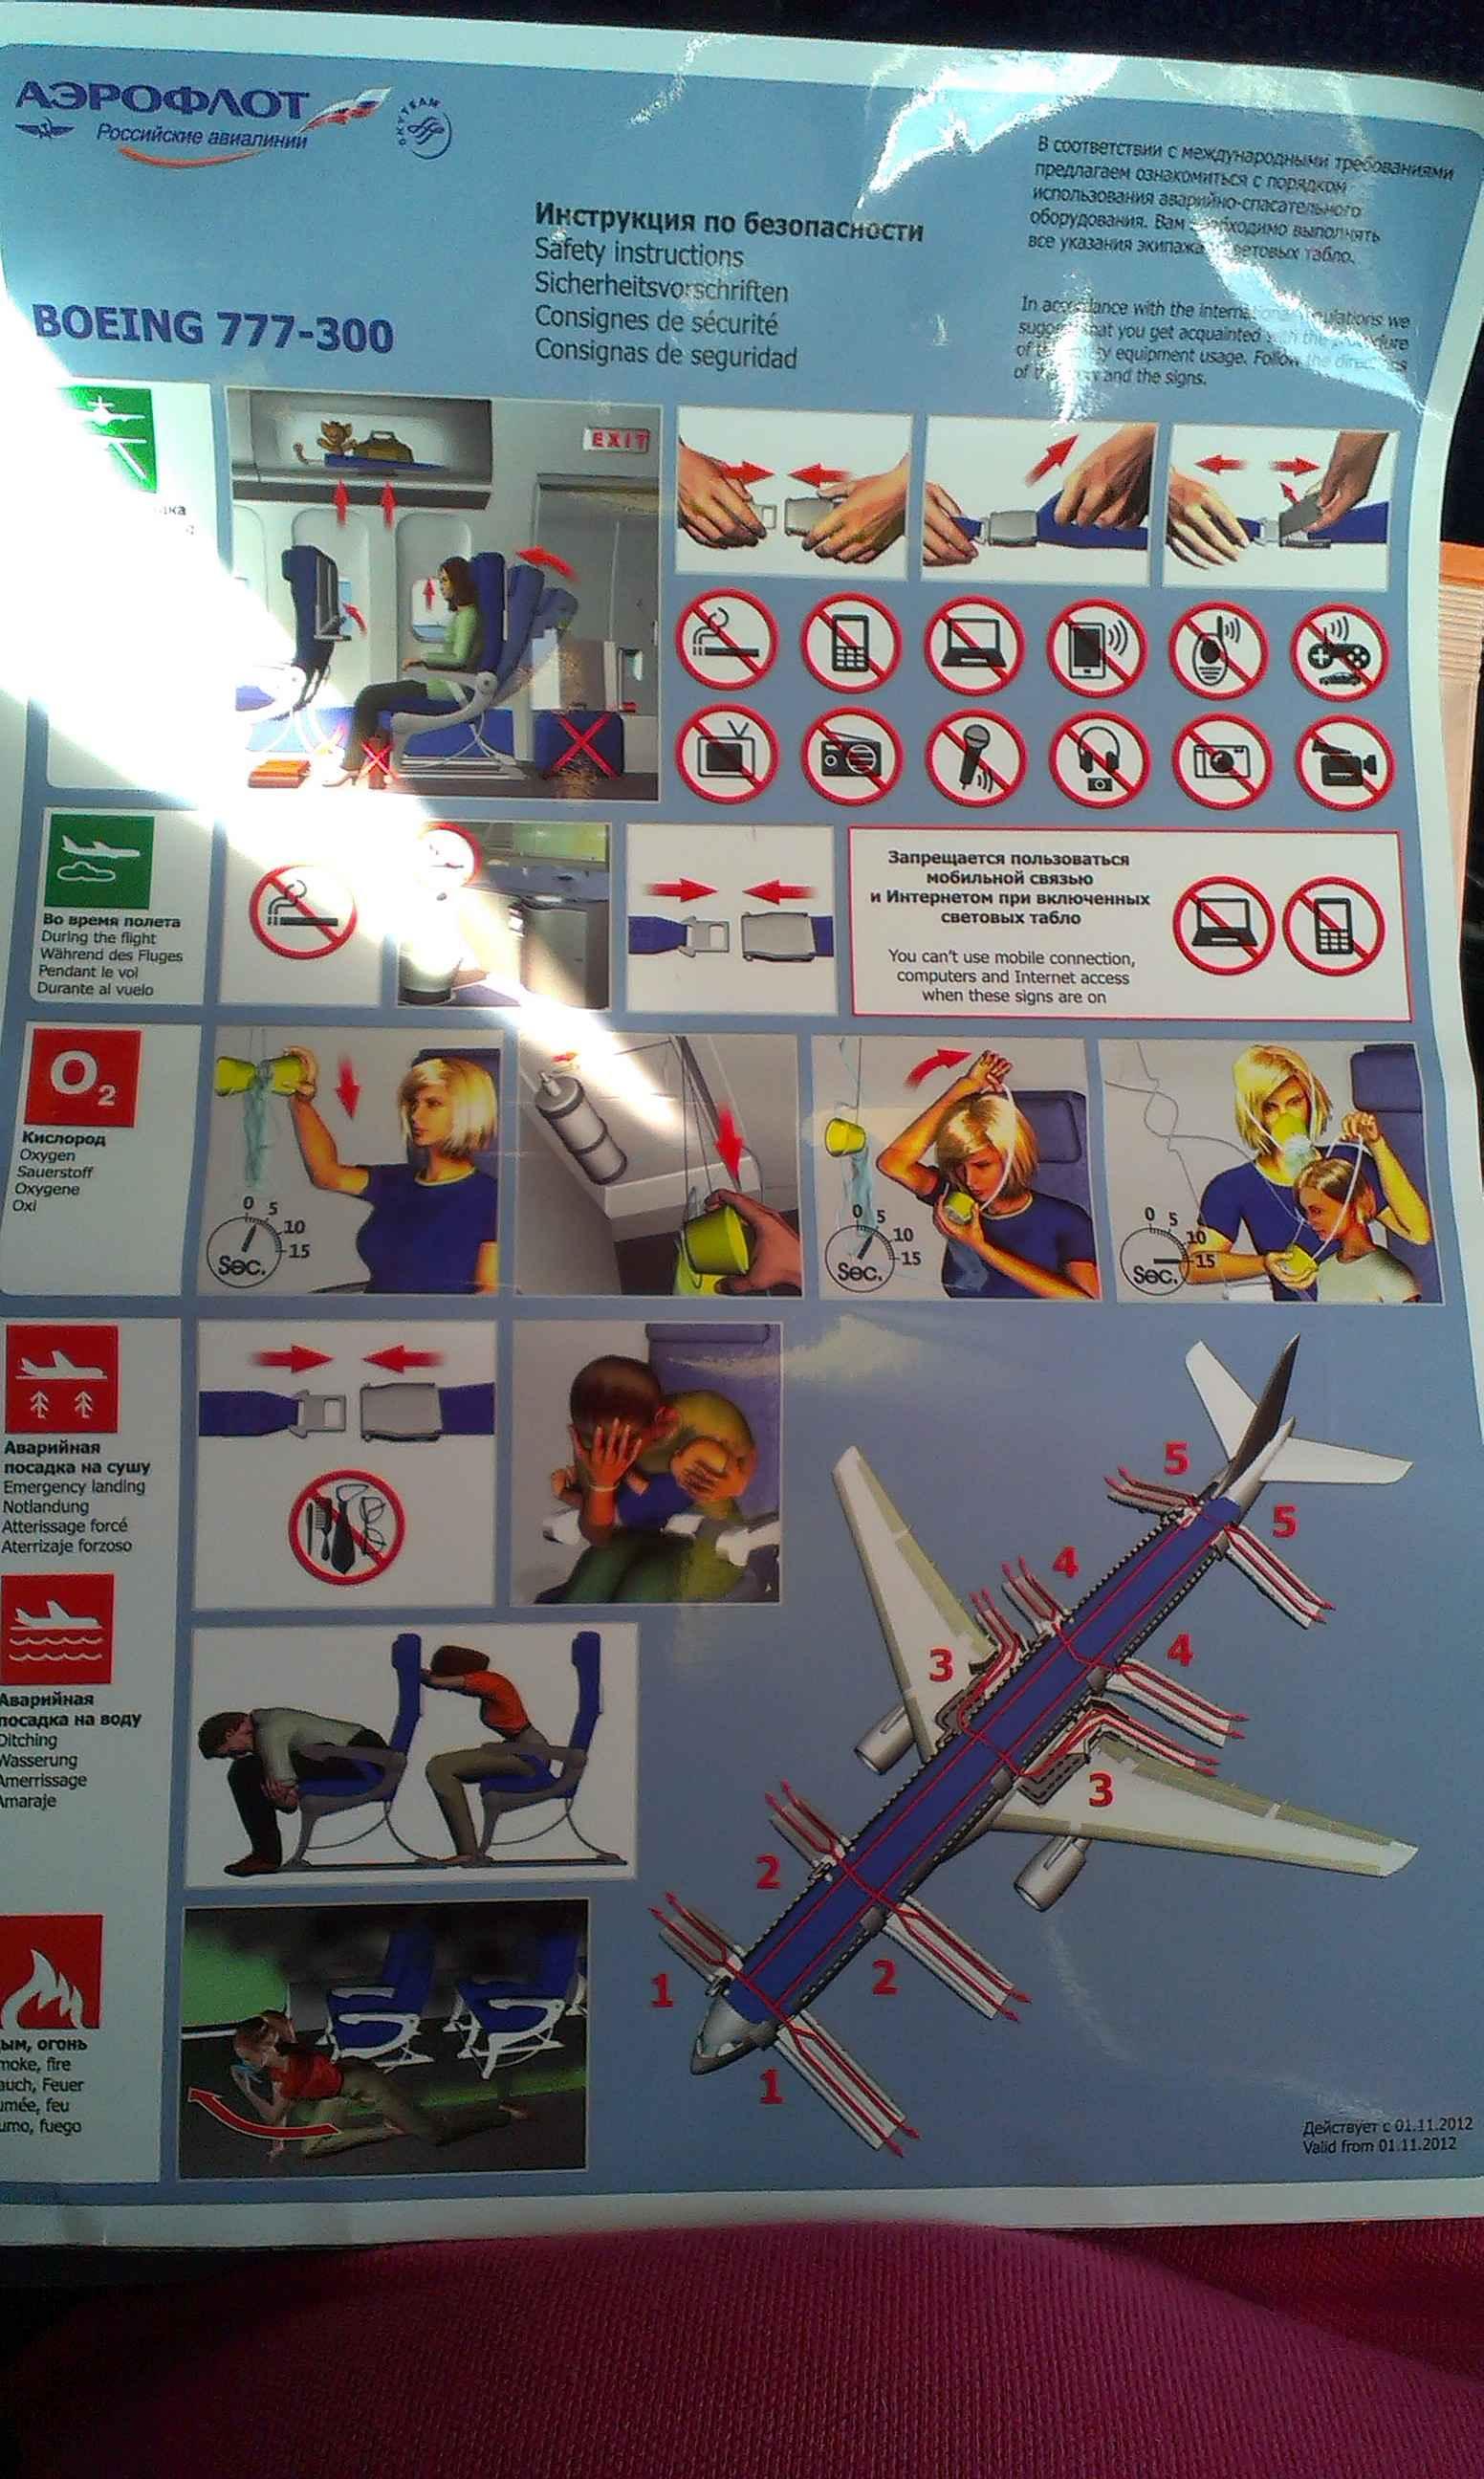 Инструкция по безопасности Боинга-777-300 Аэрофлота